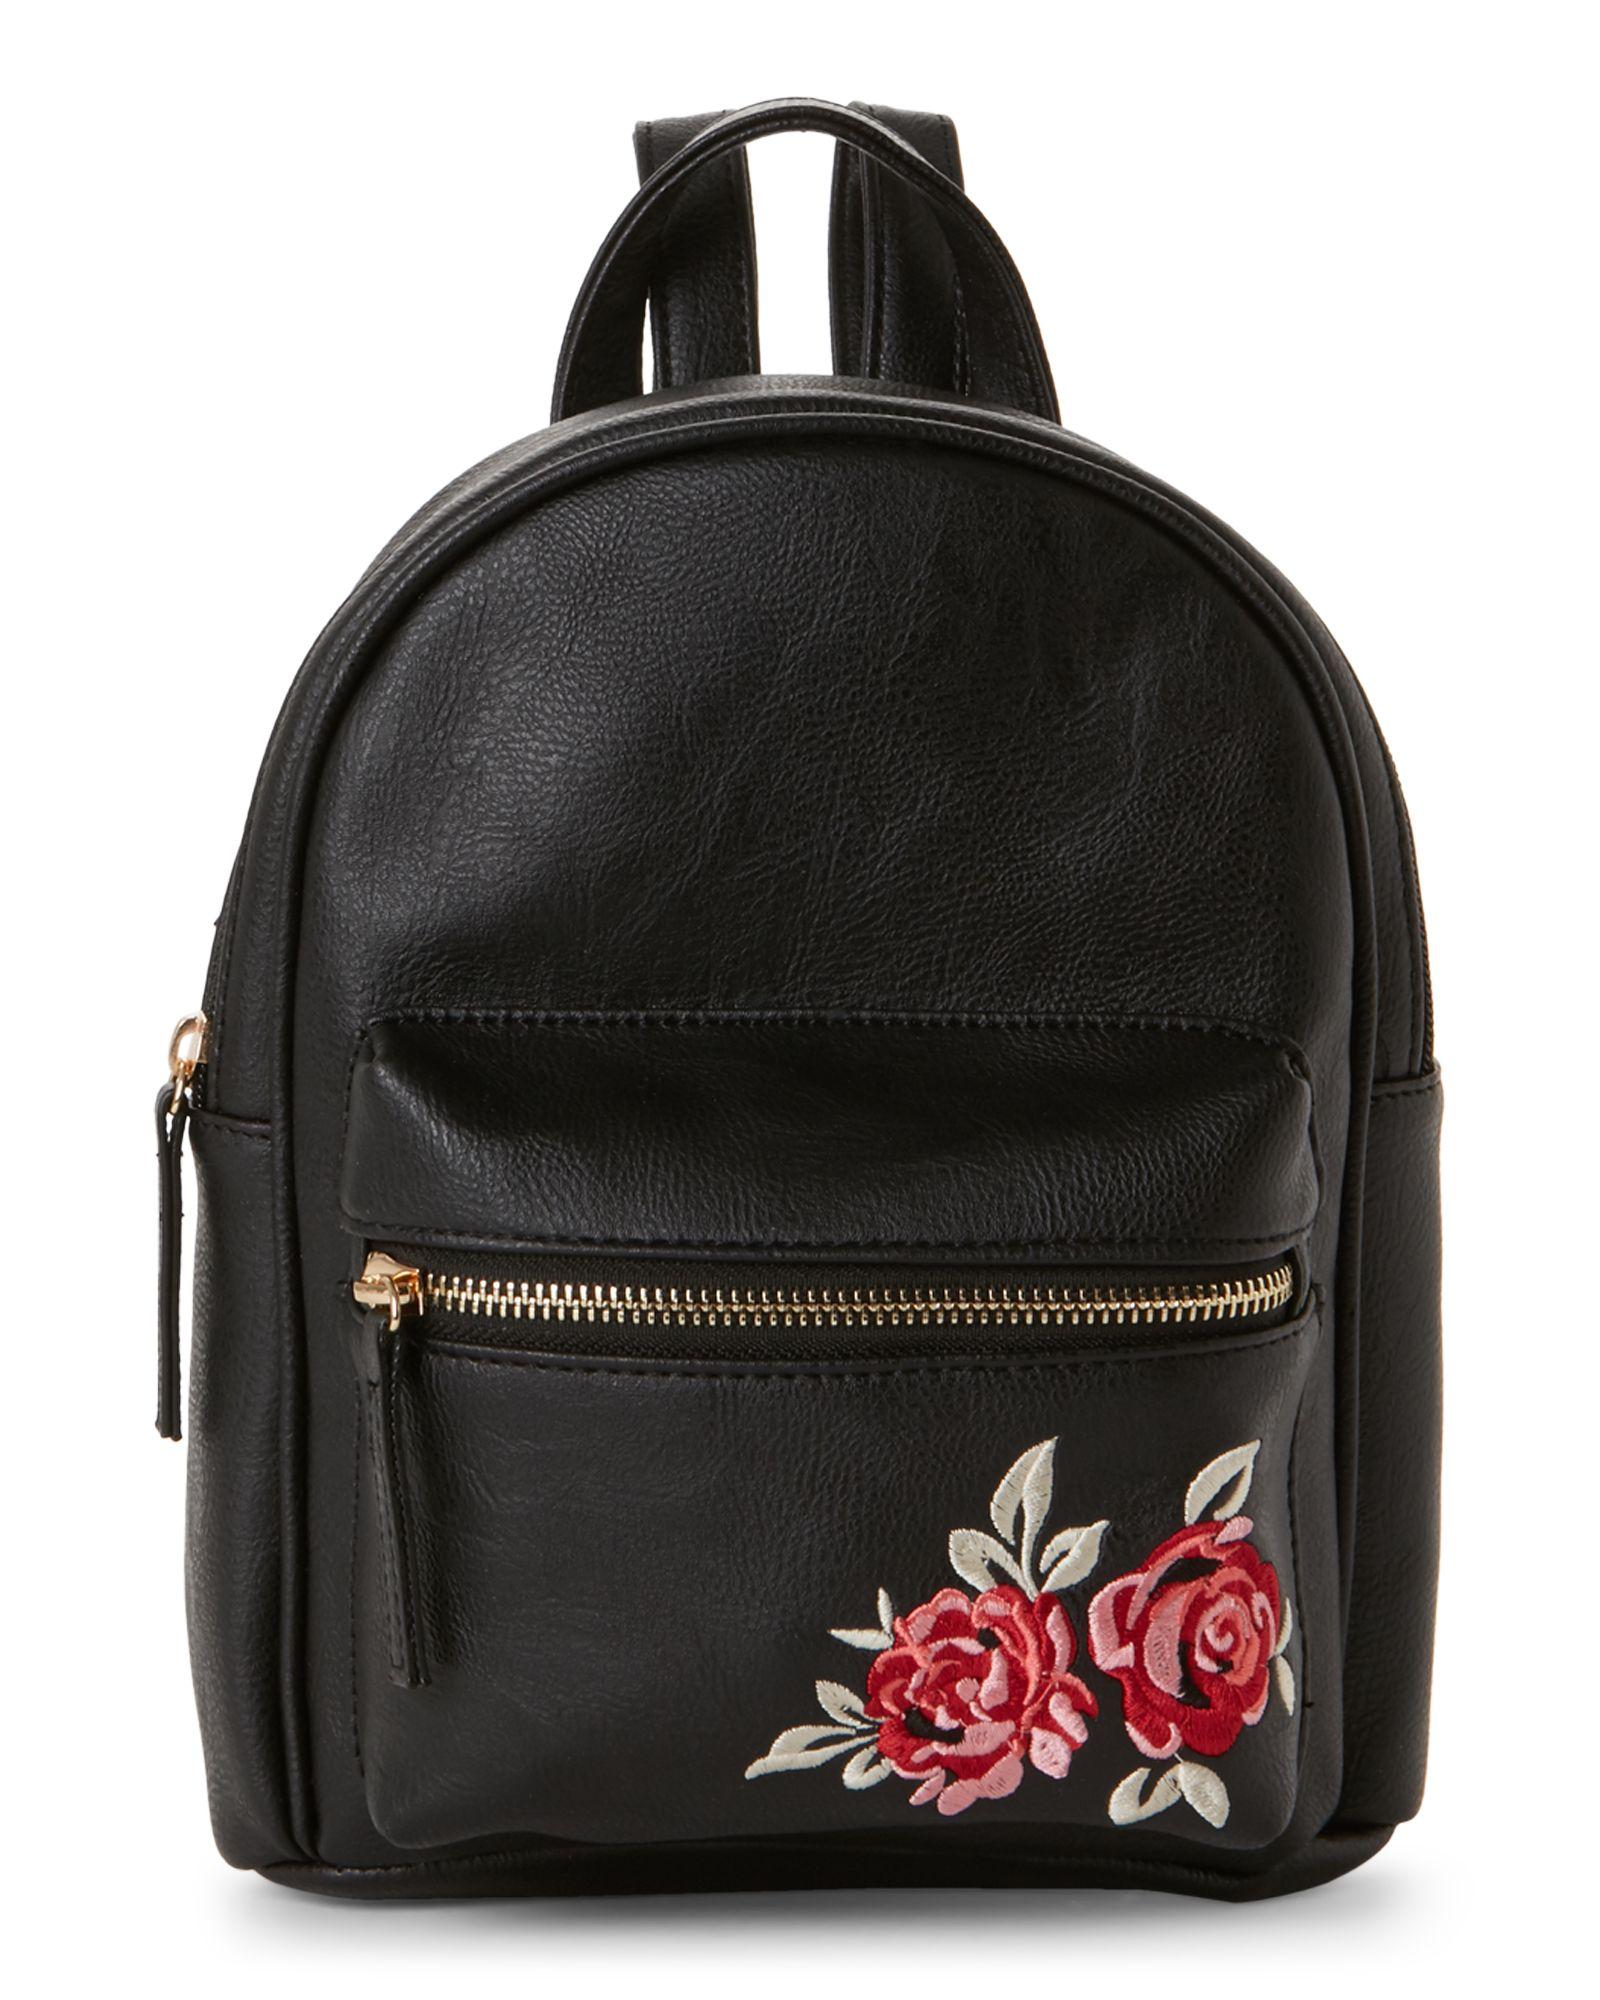 20fb249765f Omg! Accessories Rose-Embroidered Mini Backpack Cute Mini Backpacks